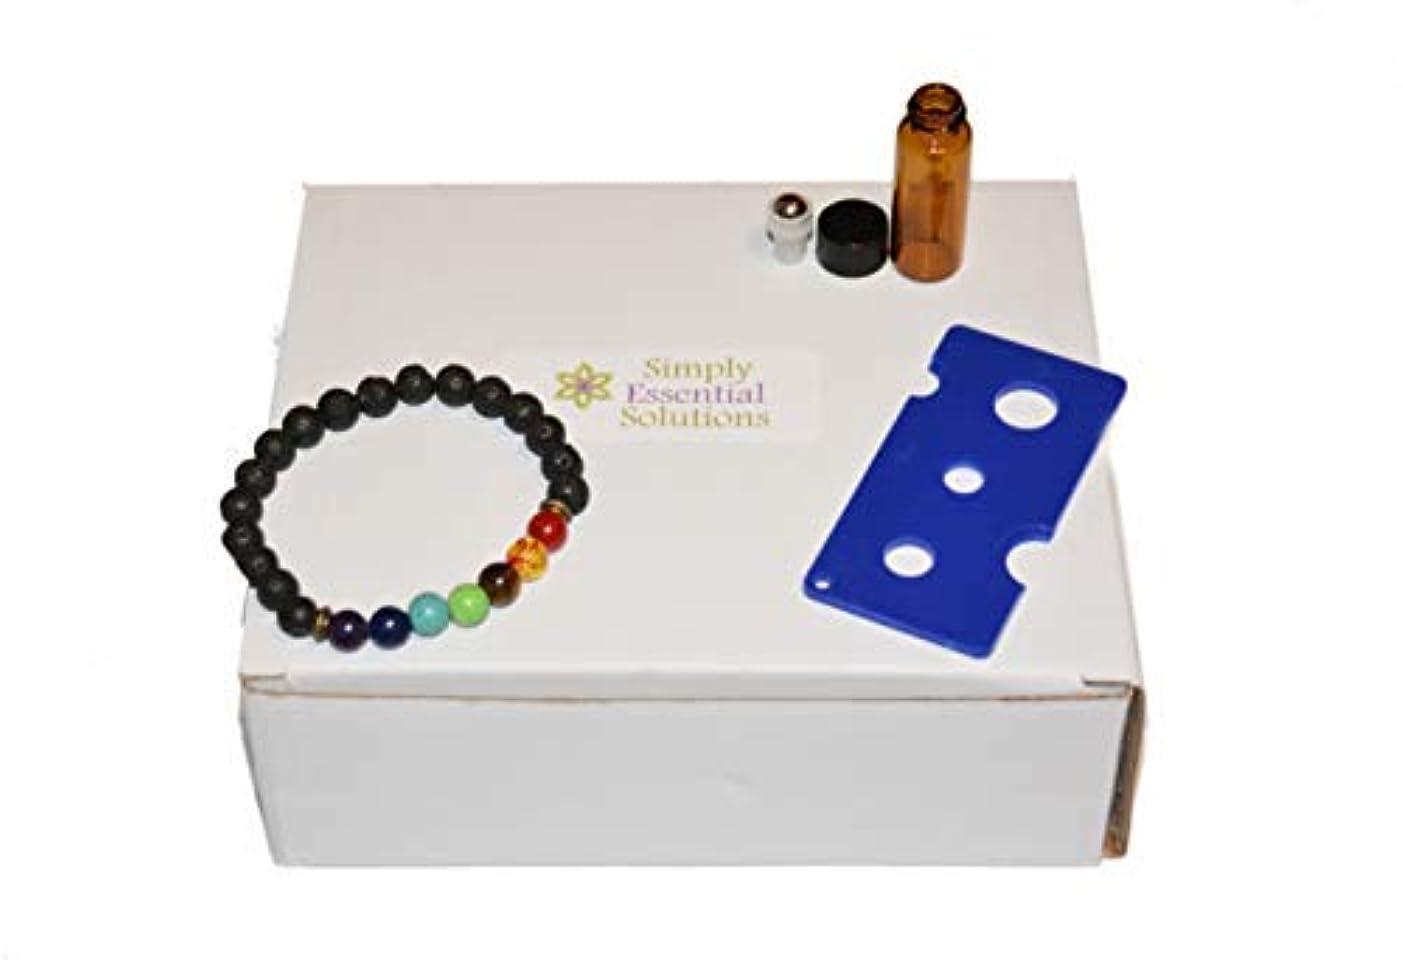 グループ遅い押し下げる24pcs 5mL Roller (1.35 dram) Amber Glass Stainless Steel Roller Bottle 5cc Vial Small Essential Oil Bottle Travel...